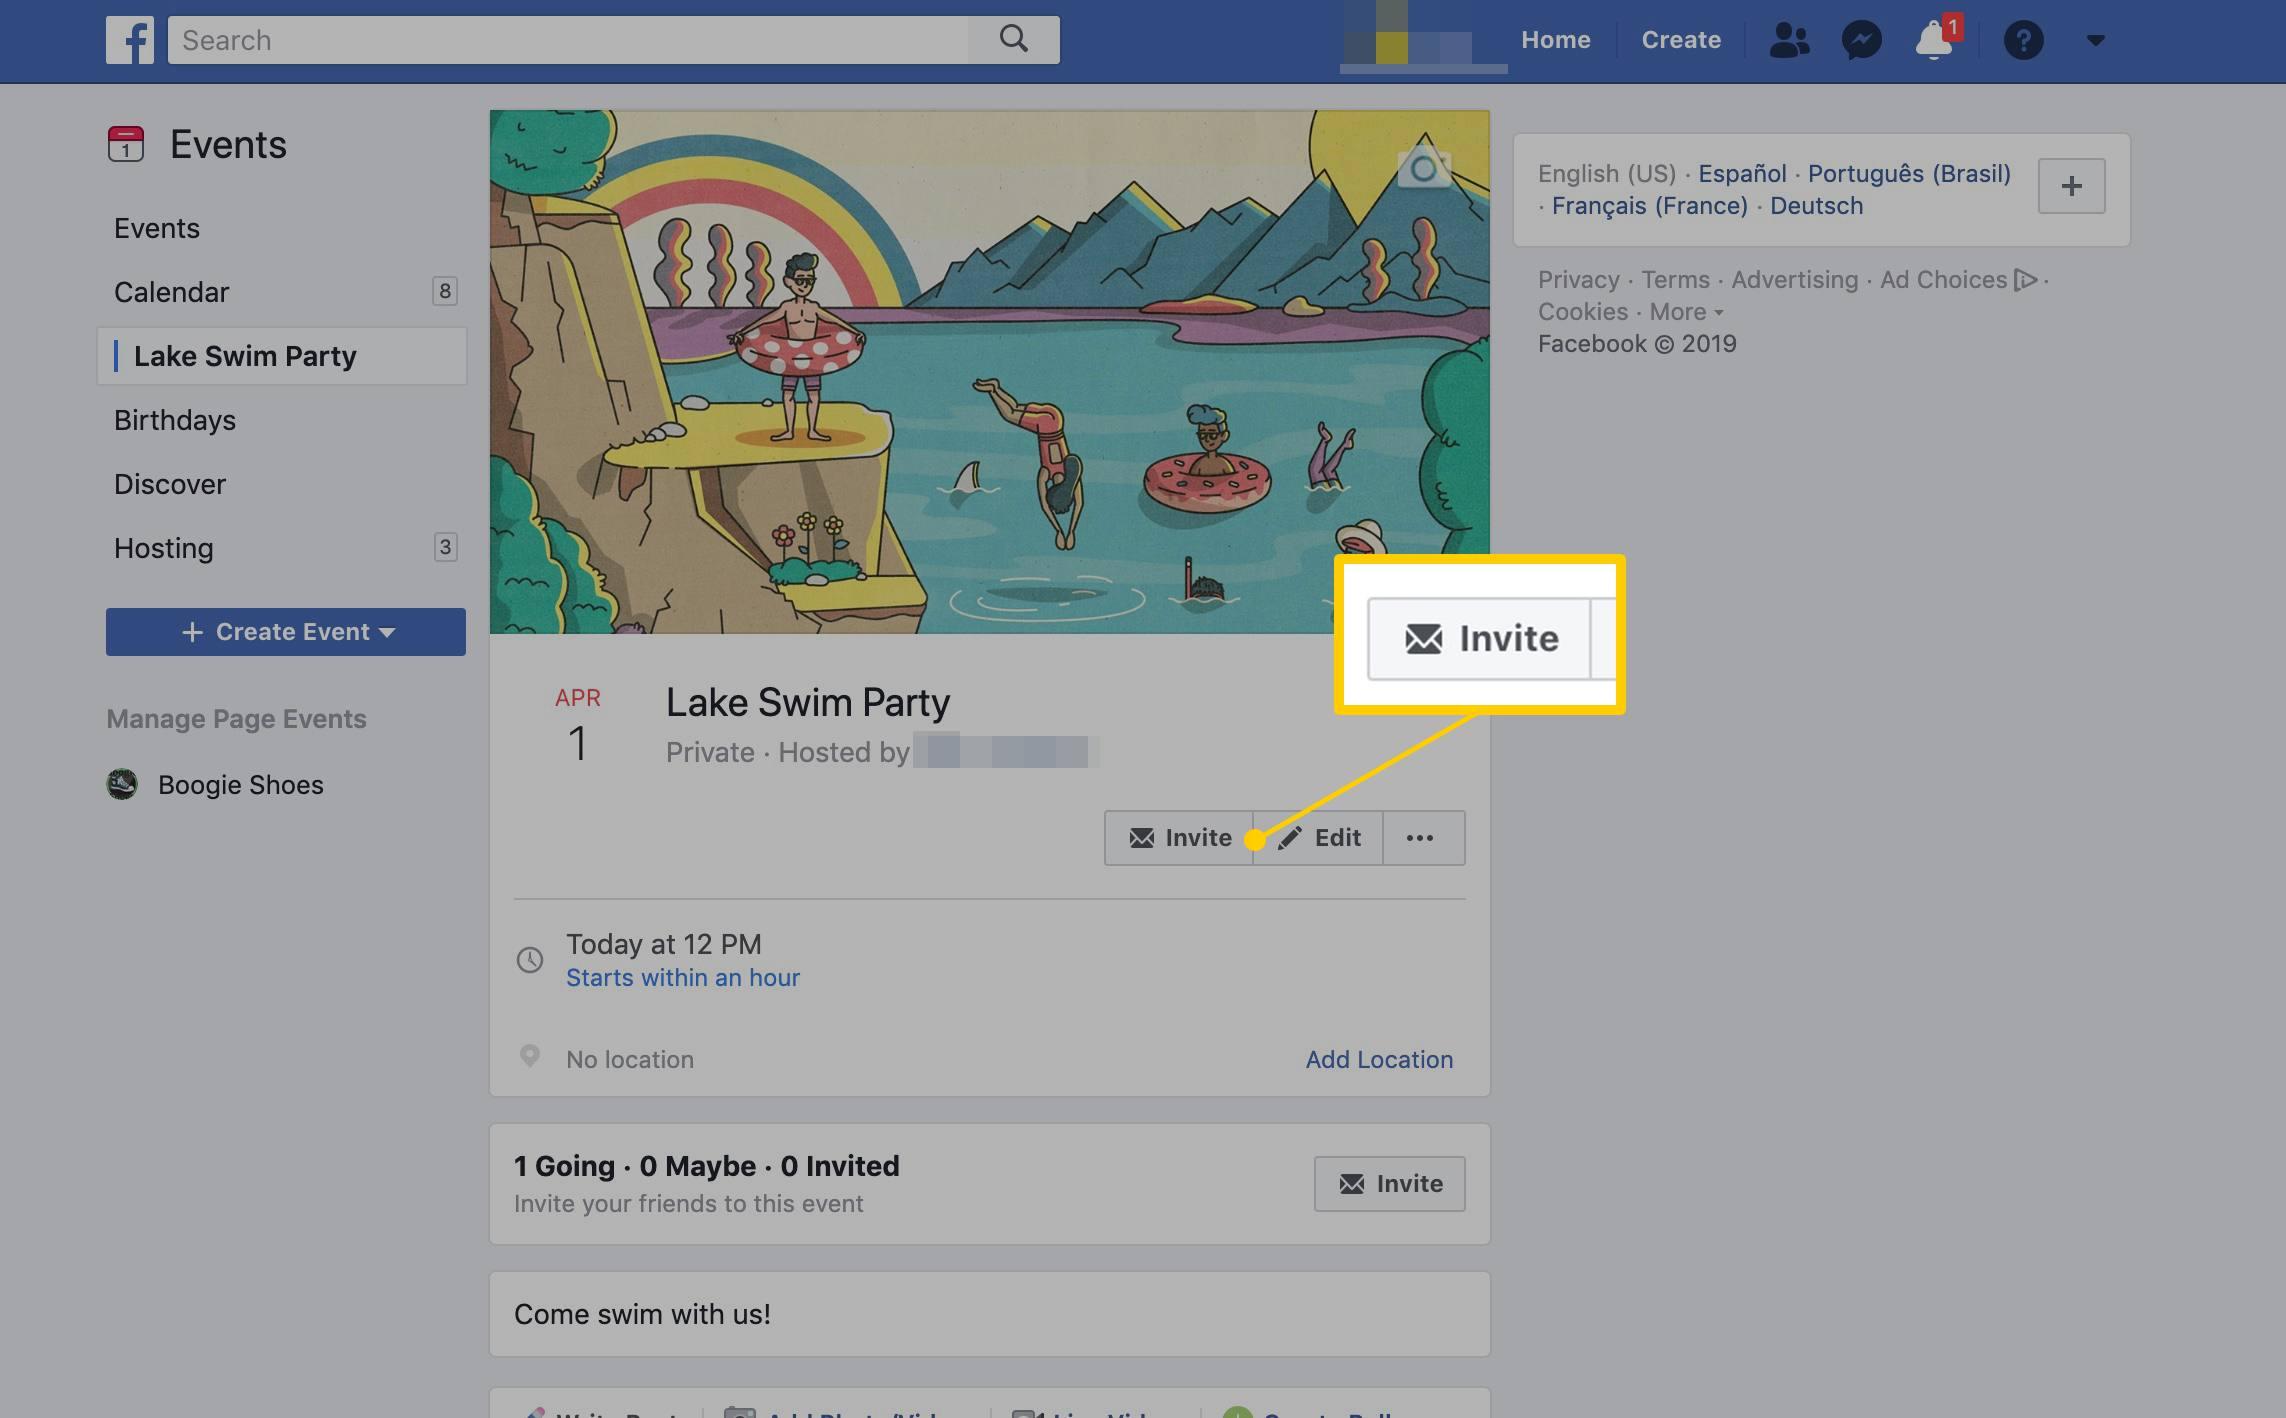 Invite button for a Facebook Event